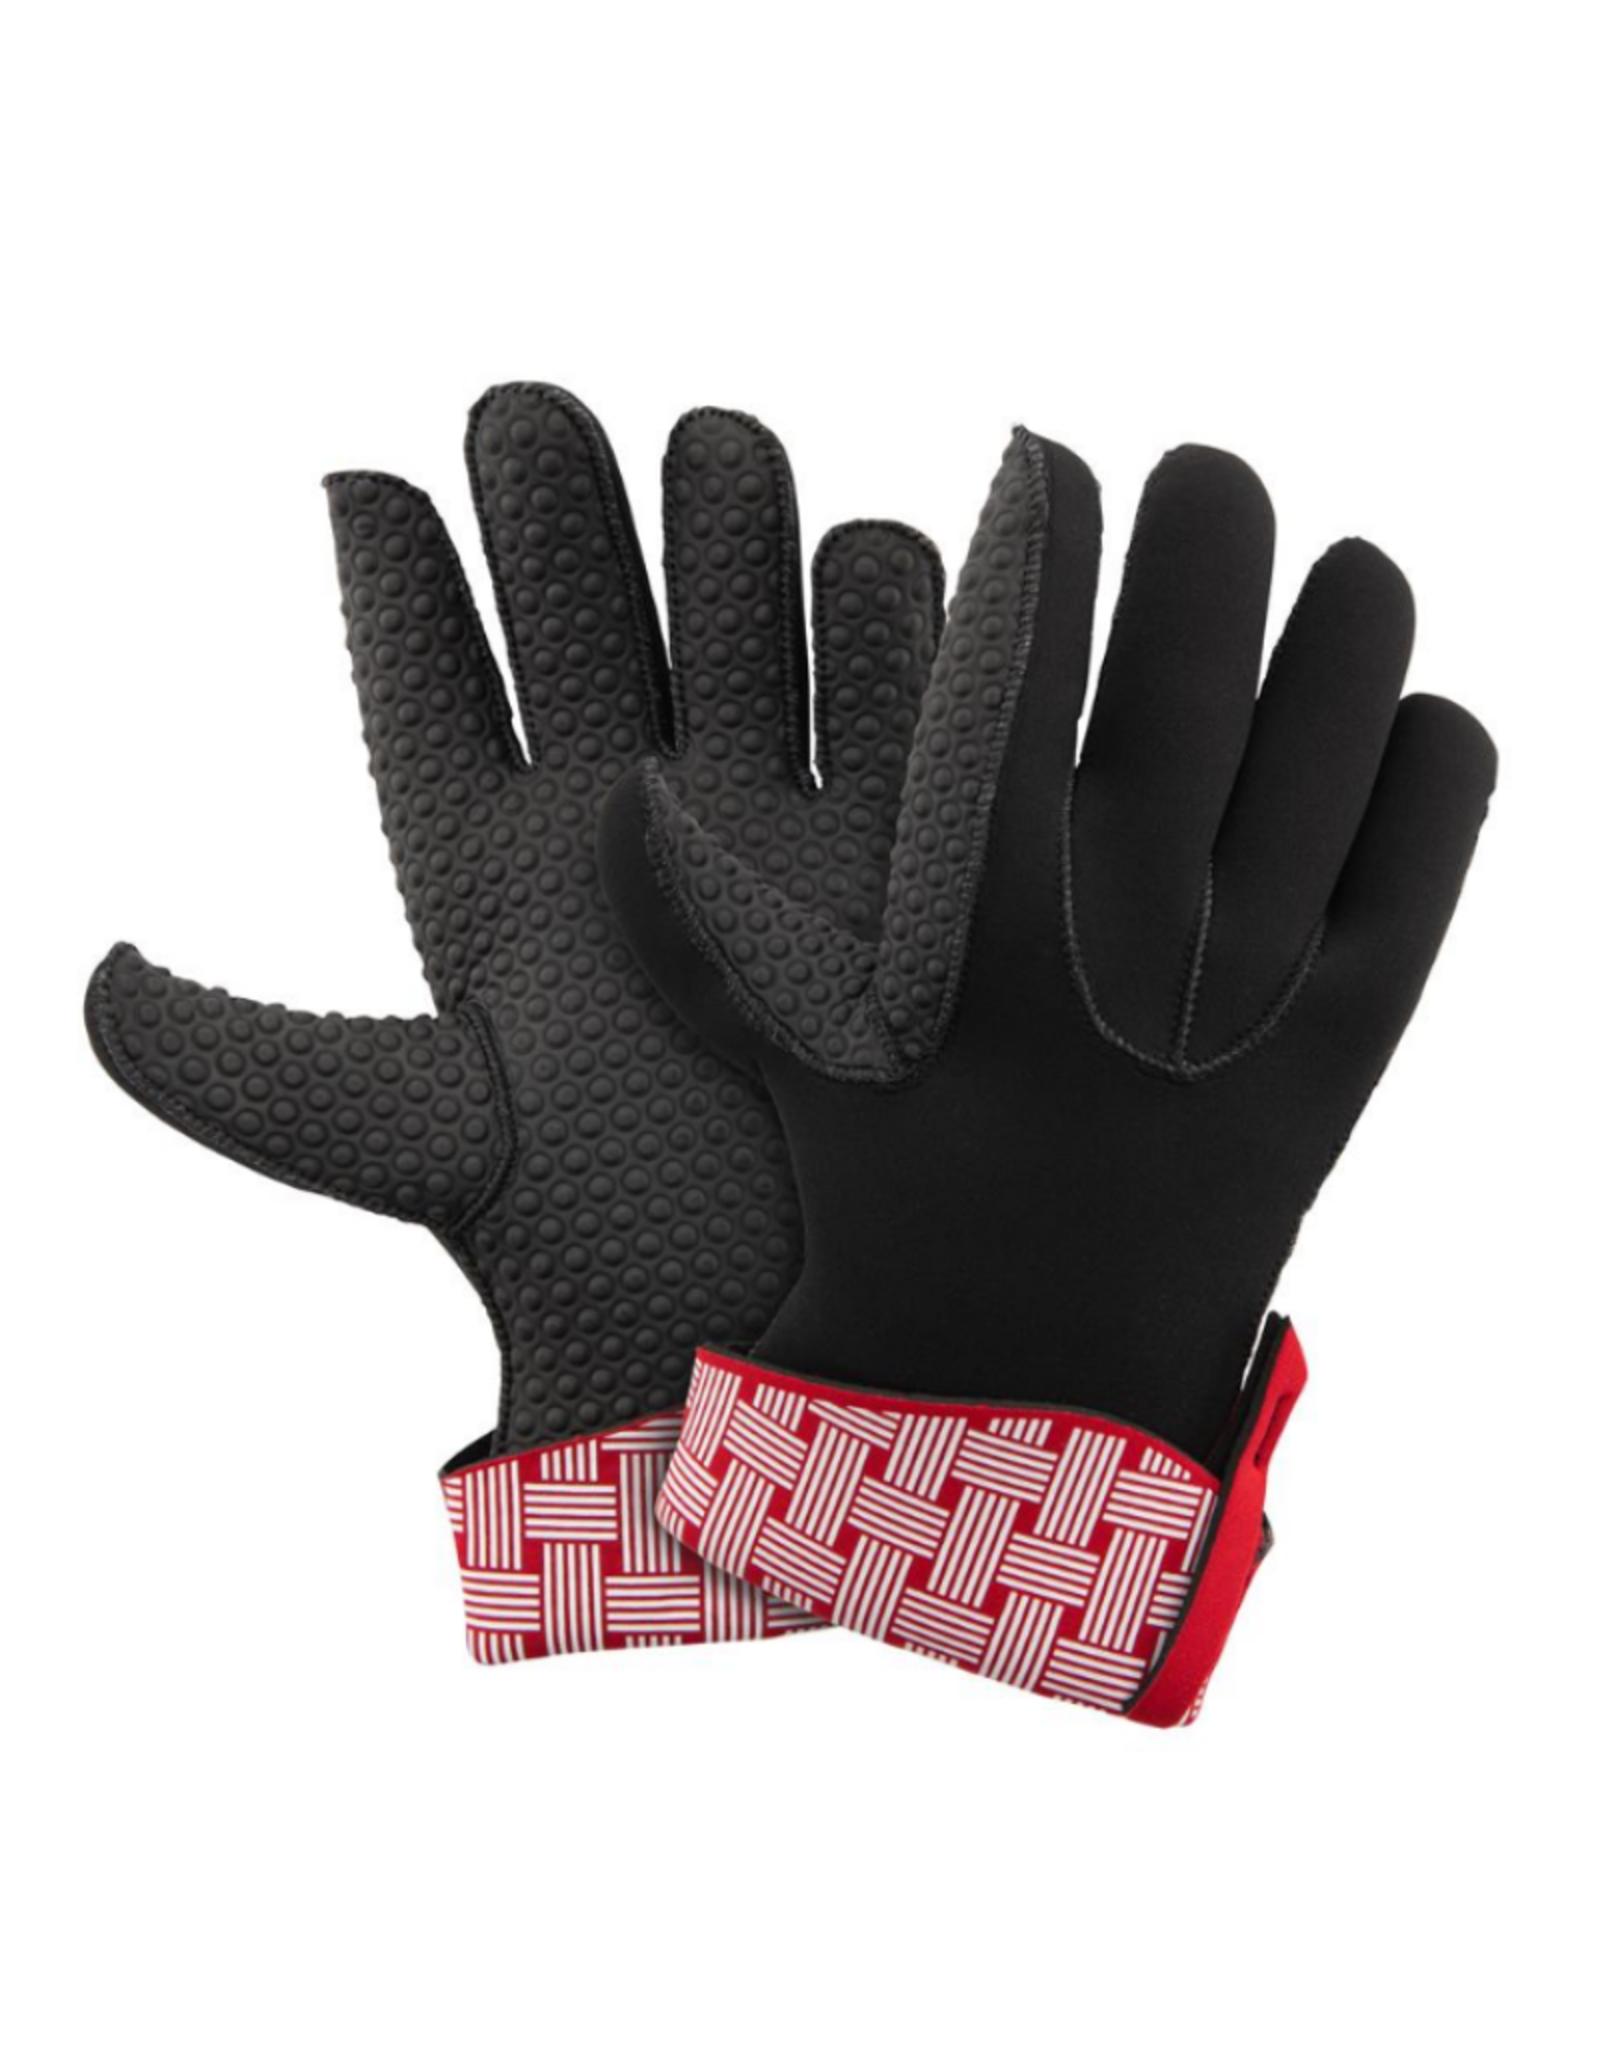 Paire de gants de four en caoutchouc KitchenGrips - grand